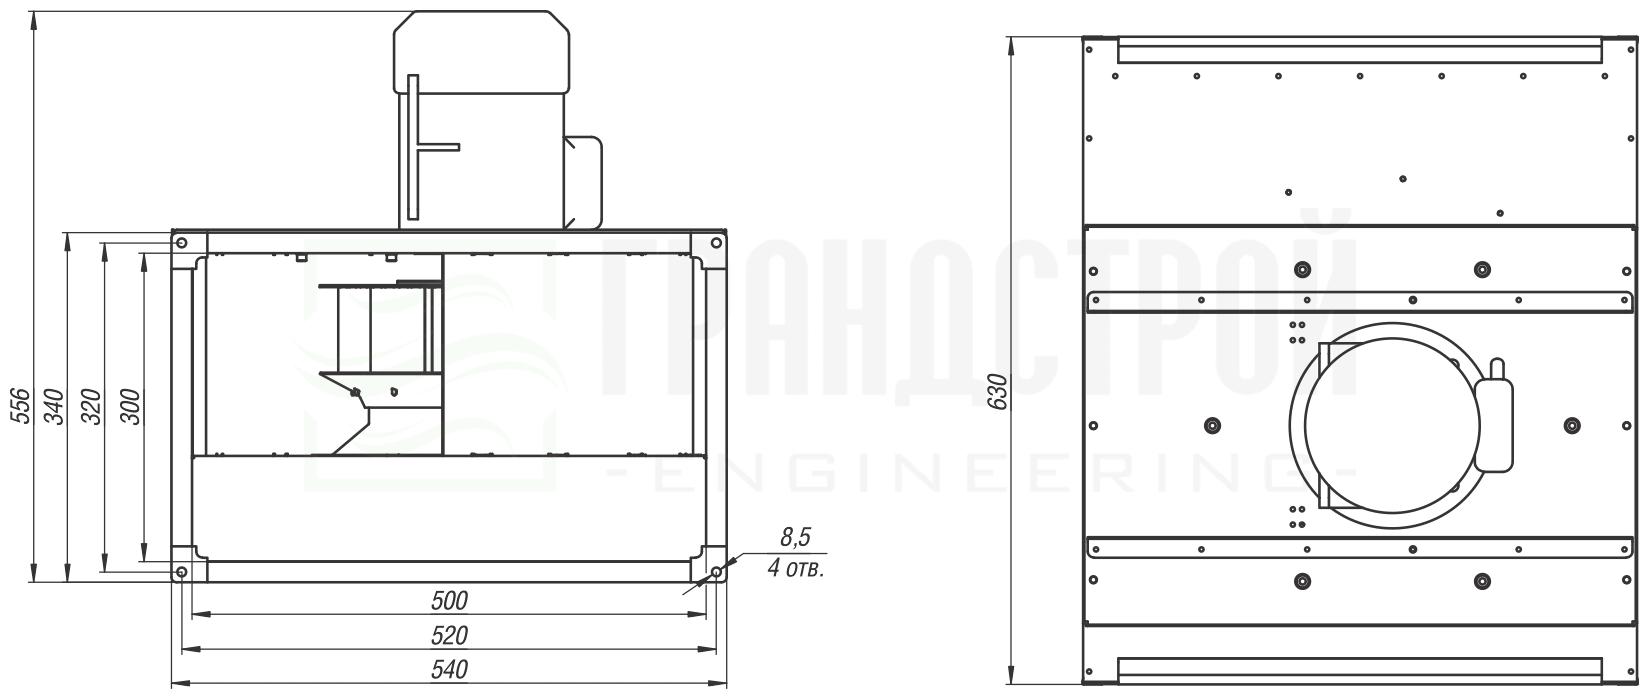 Габаритные и присоединительные размеры канального вентилятора ВКПН 50-30 2D-2.8 с вынесенным двигателем